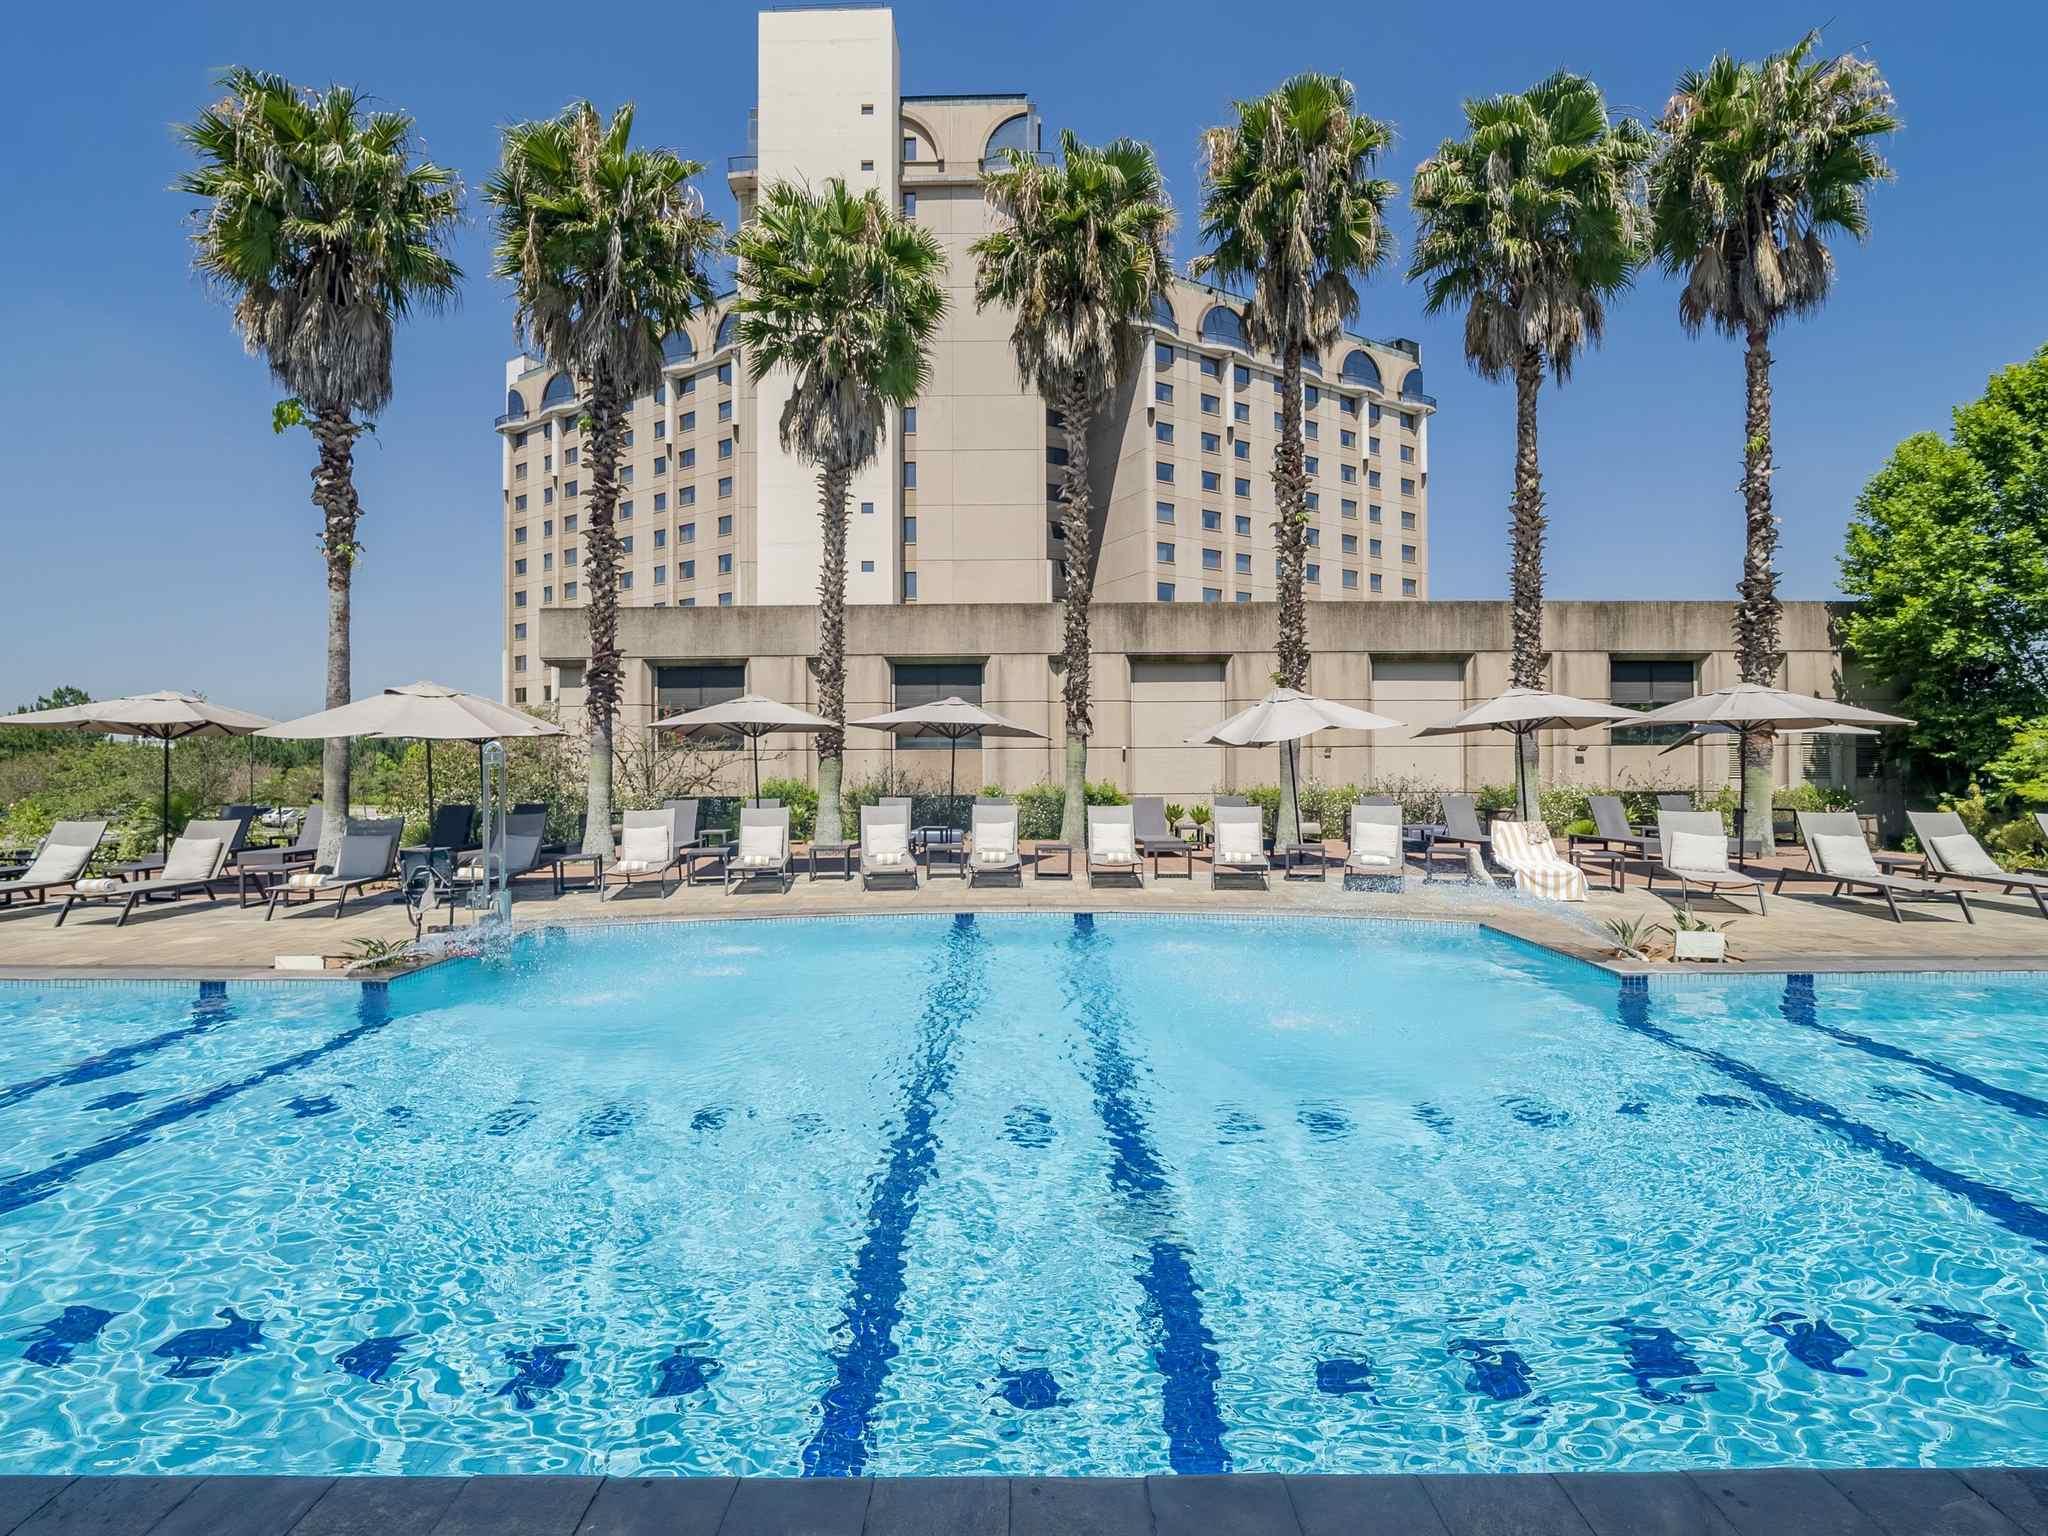 酒店 – 铂尔曼圣保罗瓜鲁柳斯机场